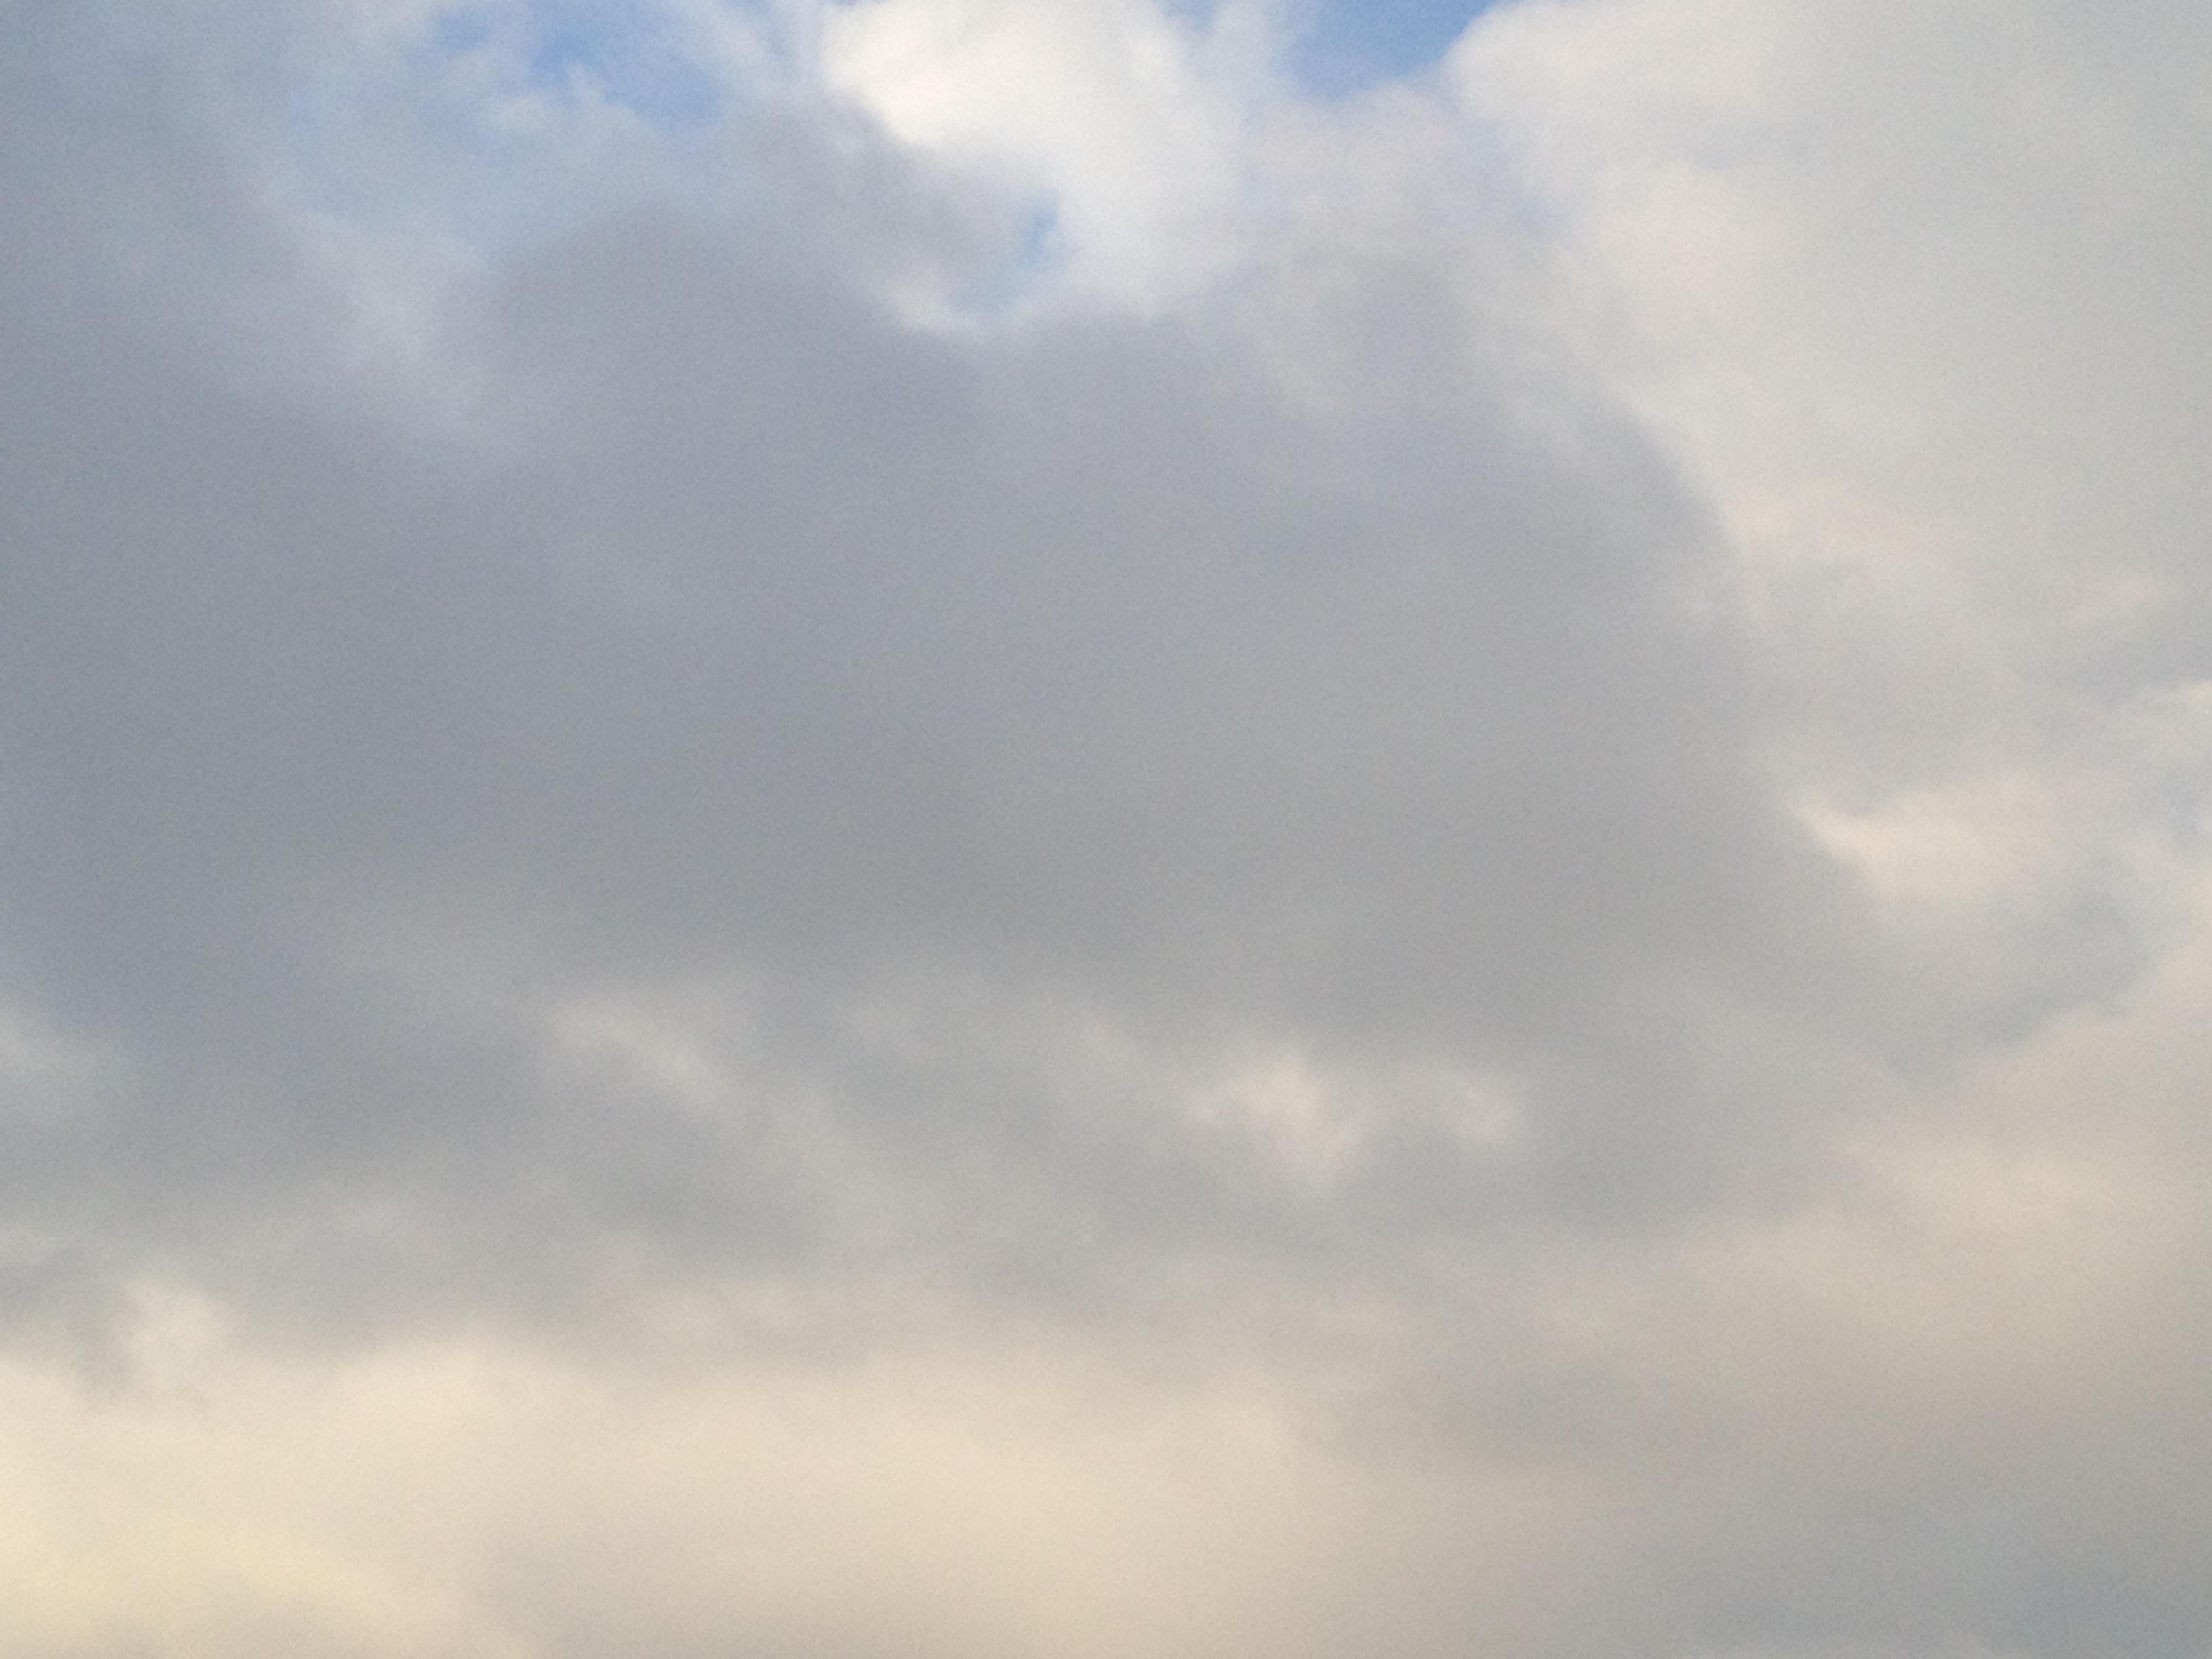 厚めの雲で暗い夕方